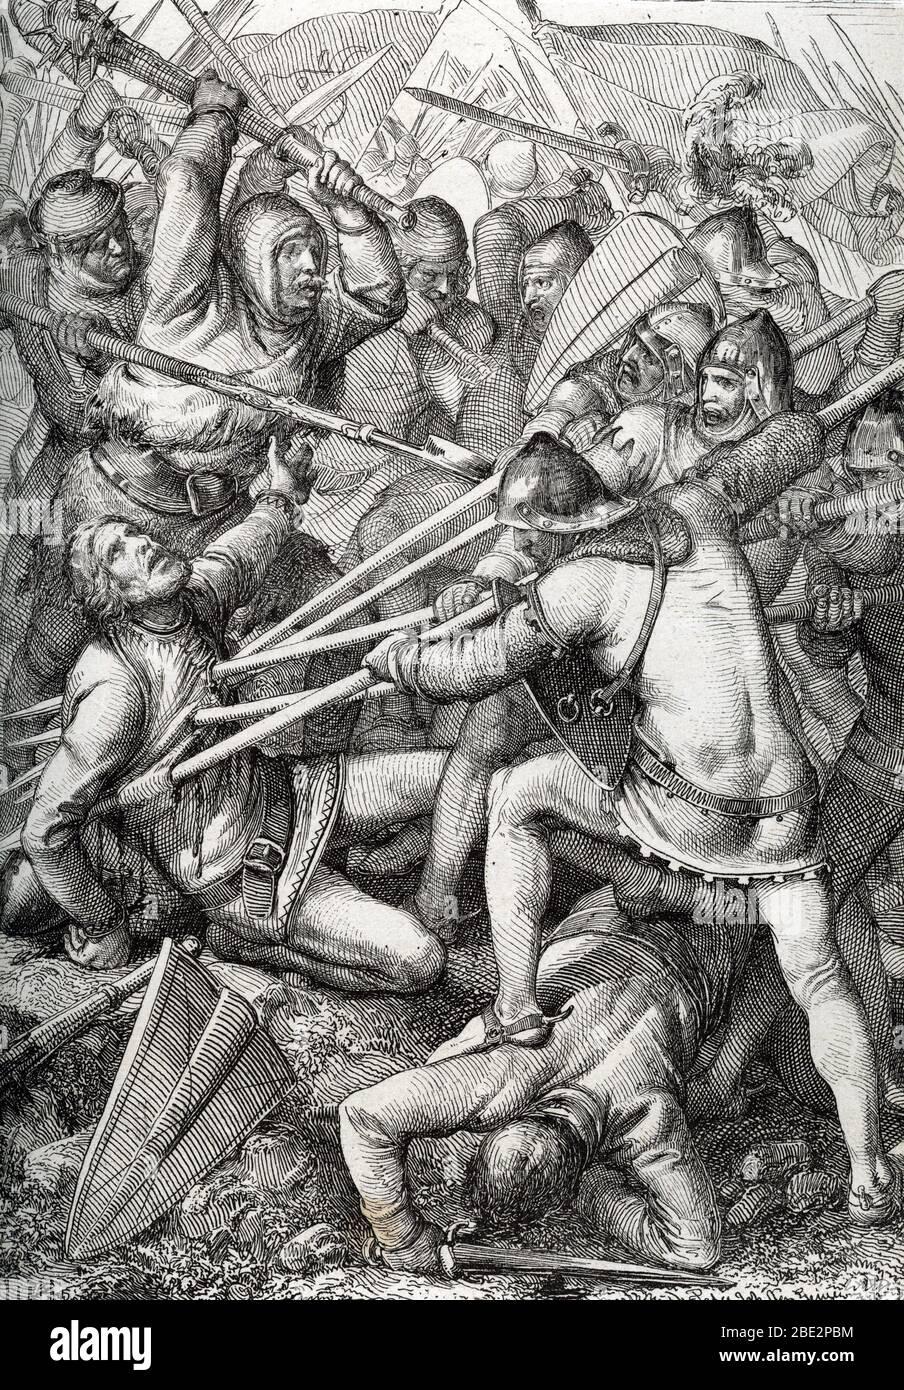 """""""Bataille de sempach"""" Le 9 juillet 1386, les confederes suisses y remporterent une brillante victoire sur le duc Leopold d'Autriche, qui fut tue dans Stock Photo"""